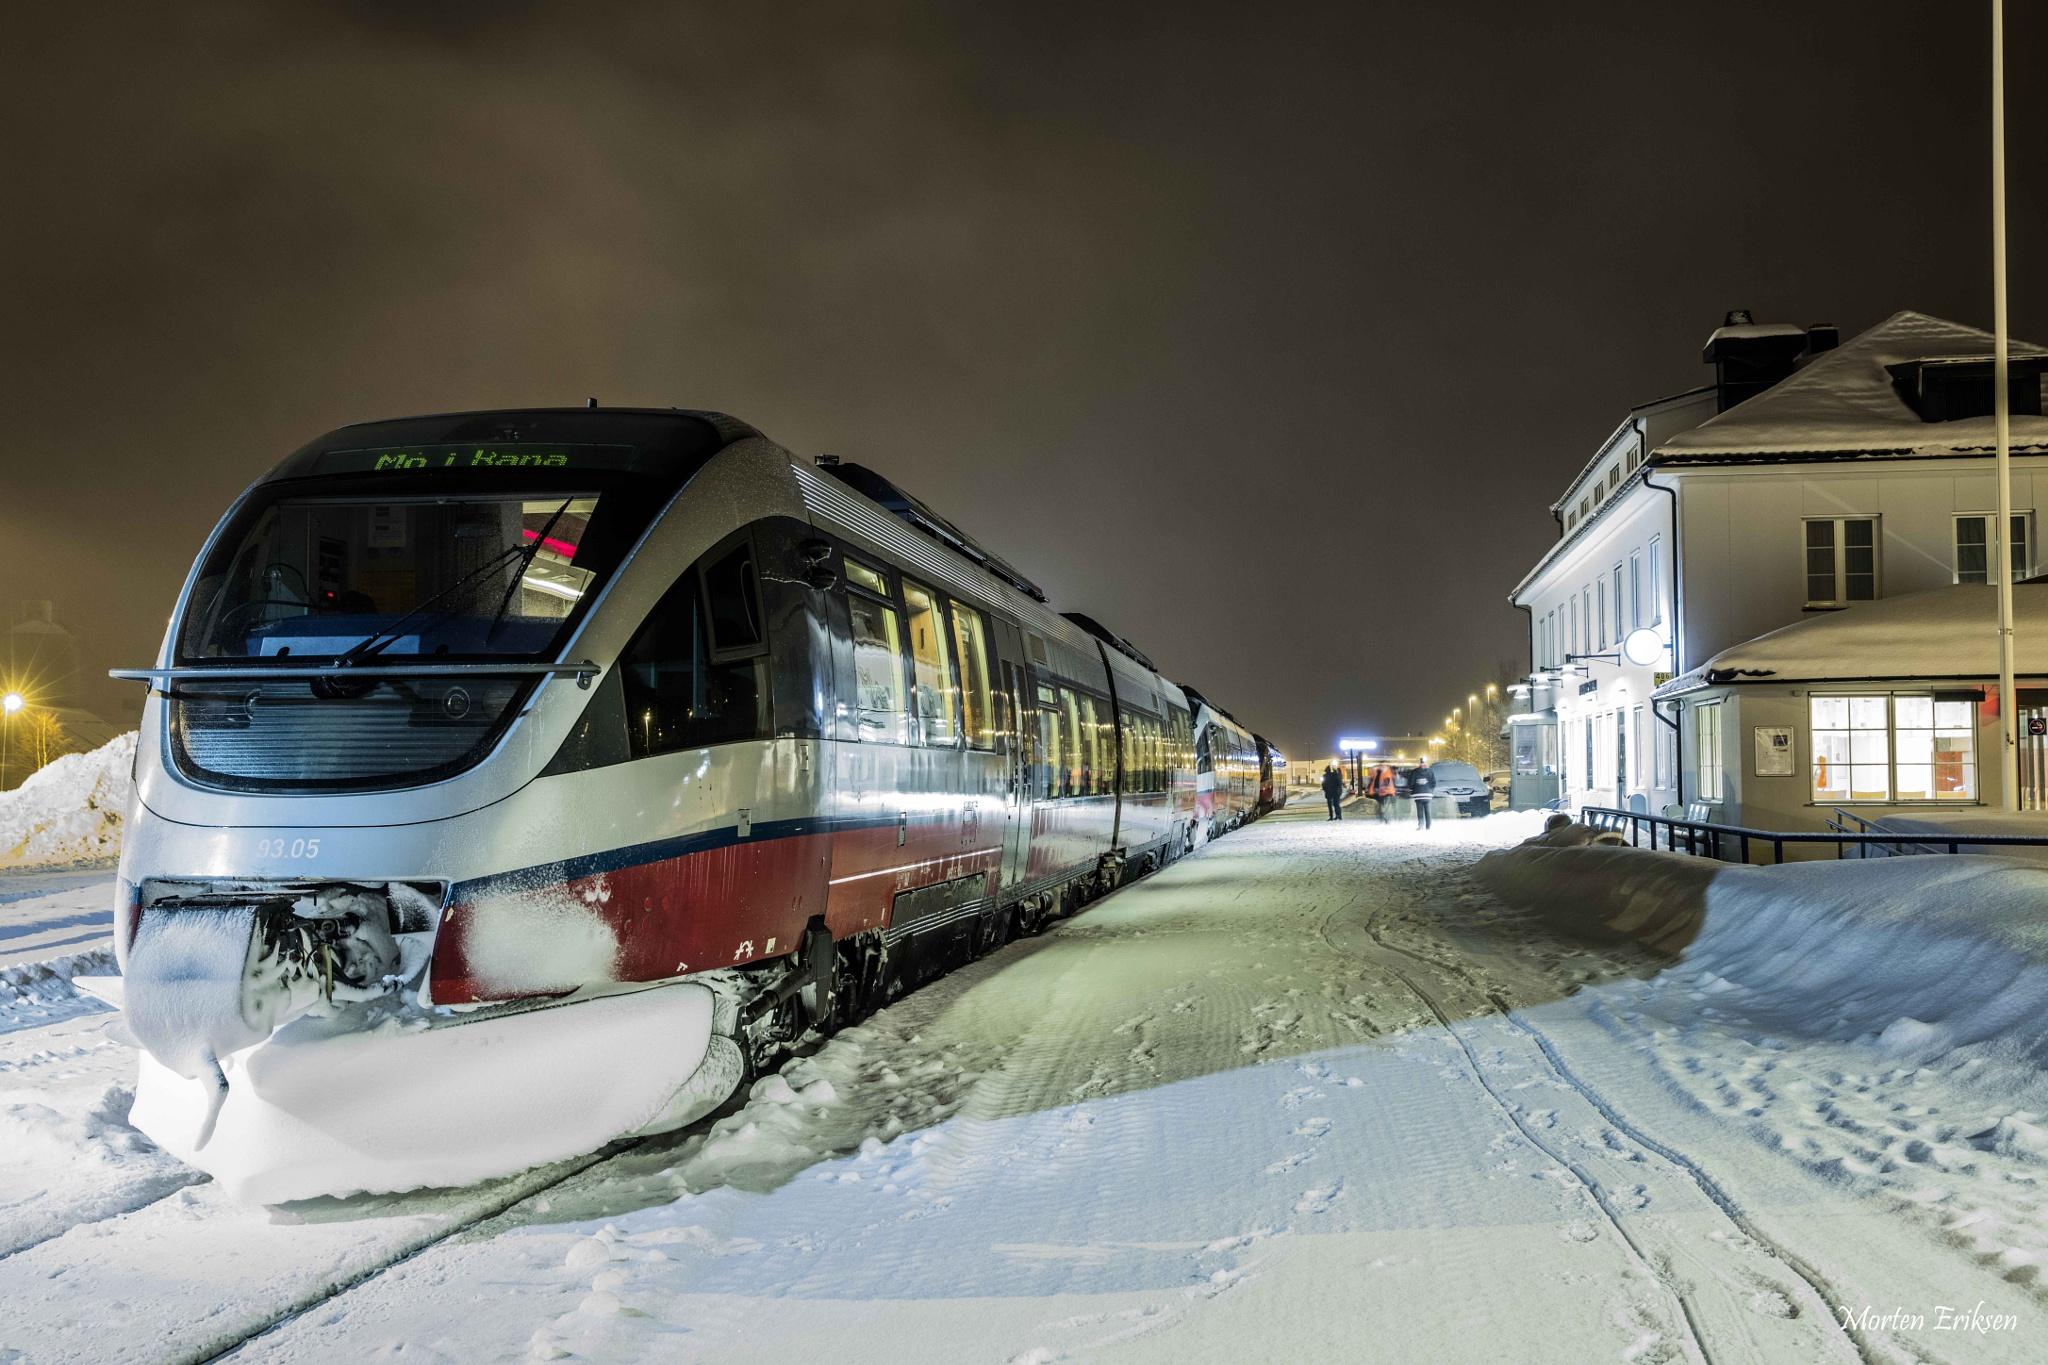 Train by Morten Eriksen